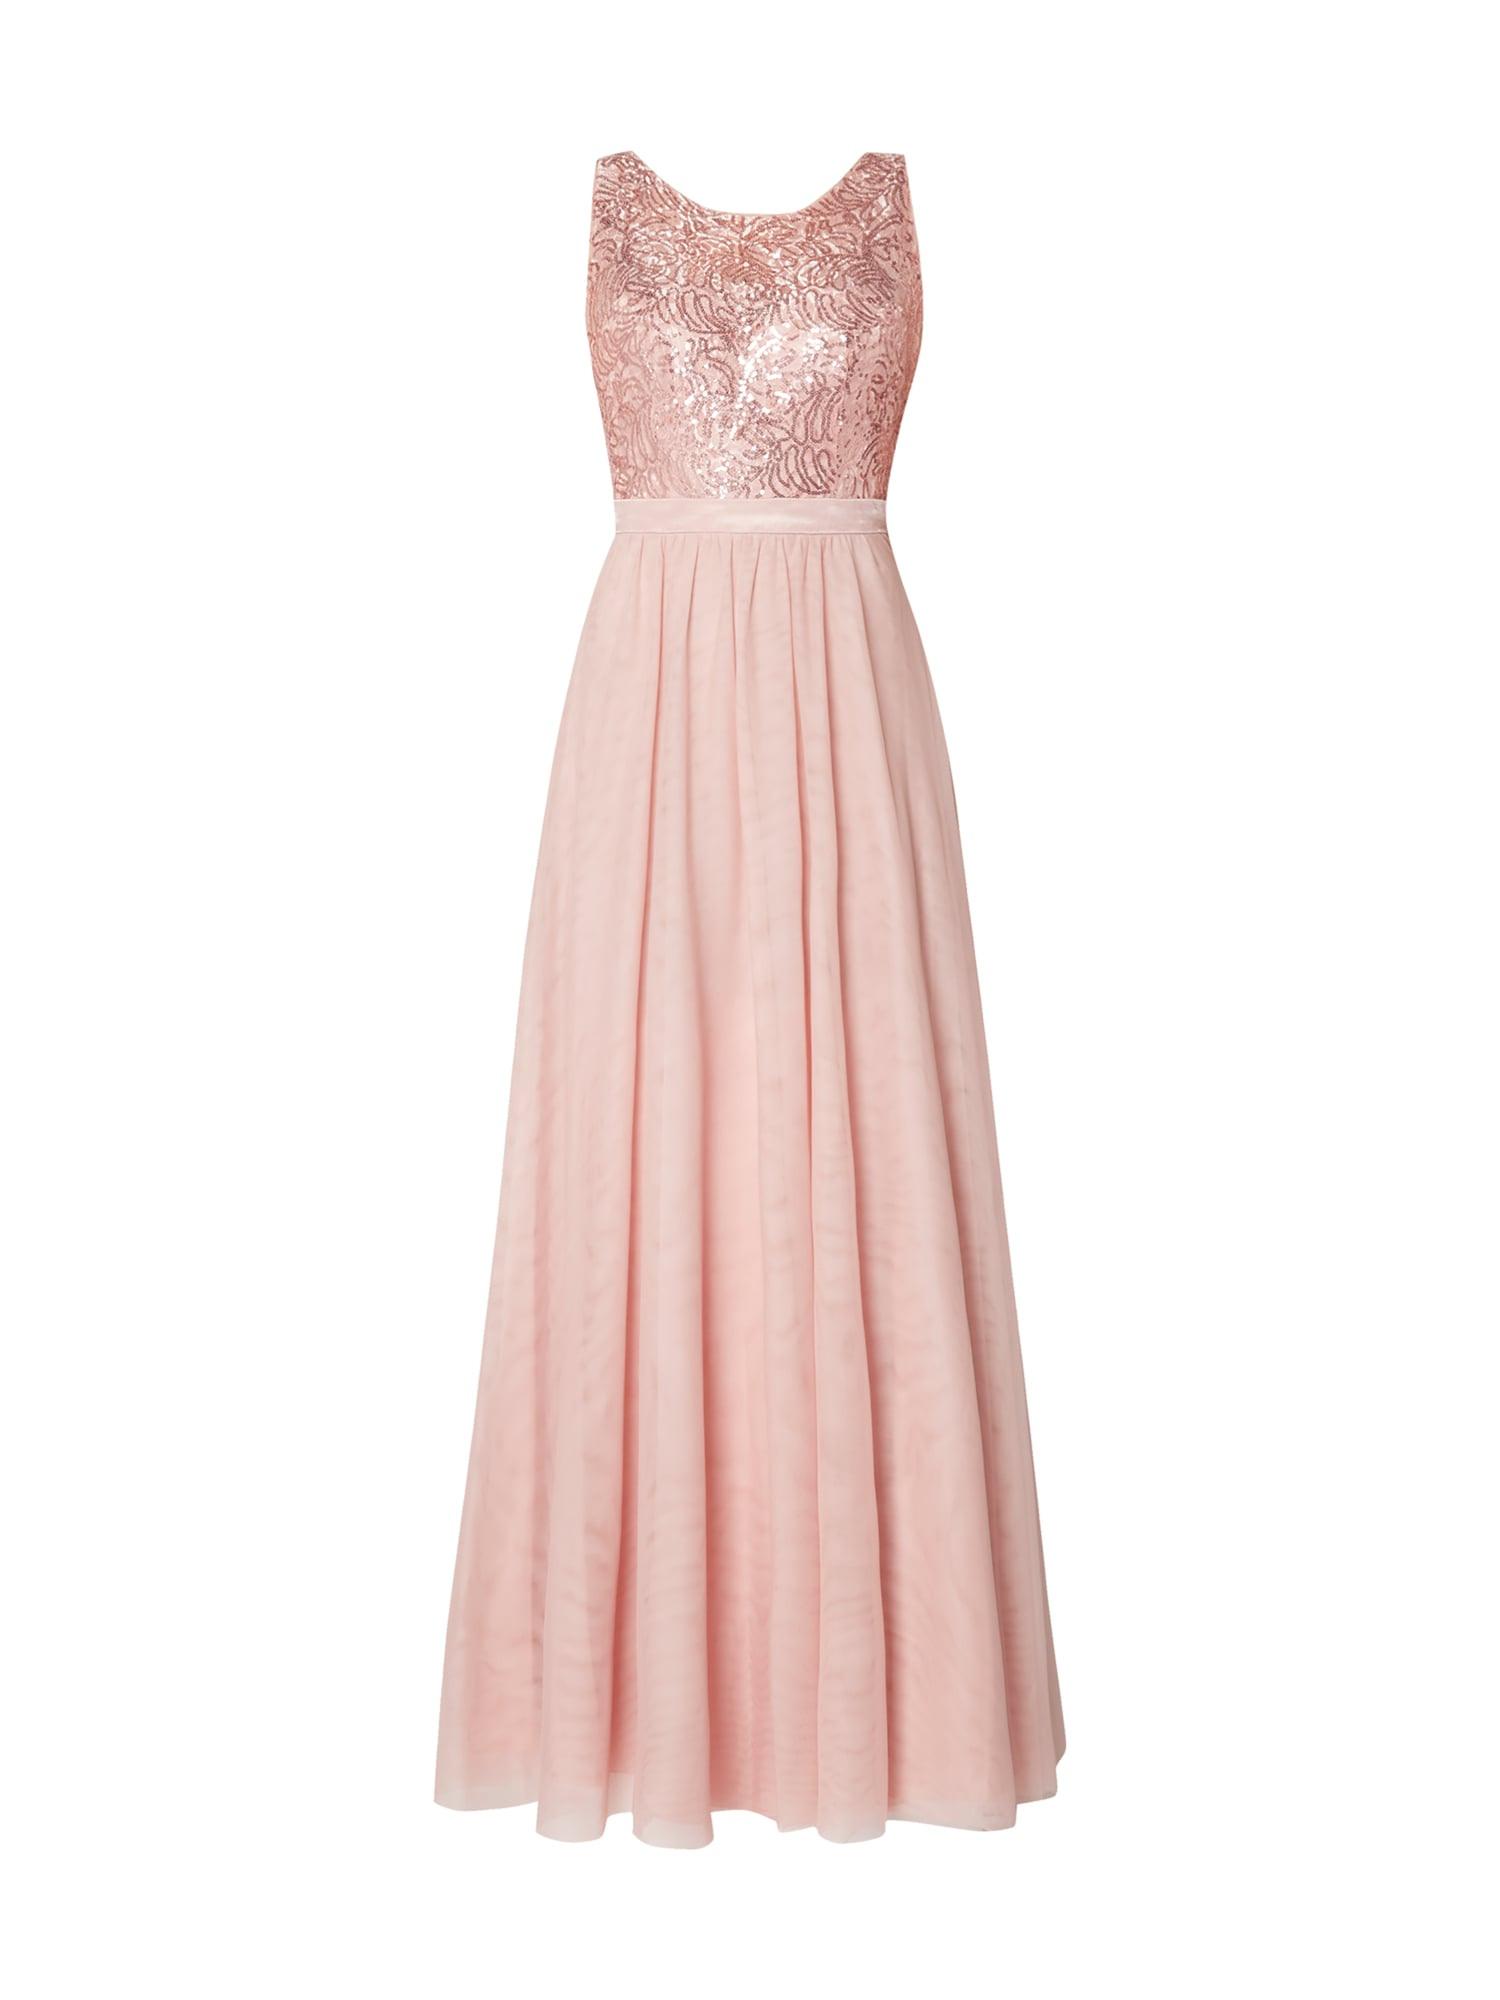 10 Wunderbar Abendkleid Tiefer Rücken Boutique10 Luxurius Abendkleid Tiefer Rücken Spezialgebiet